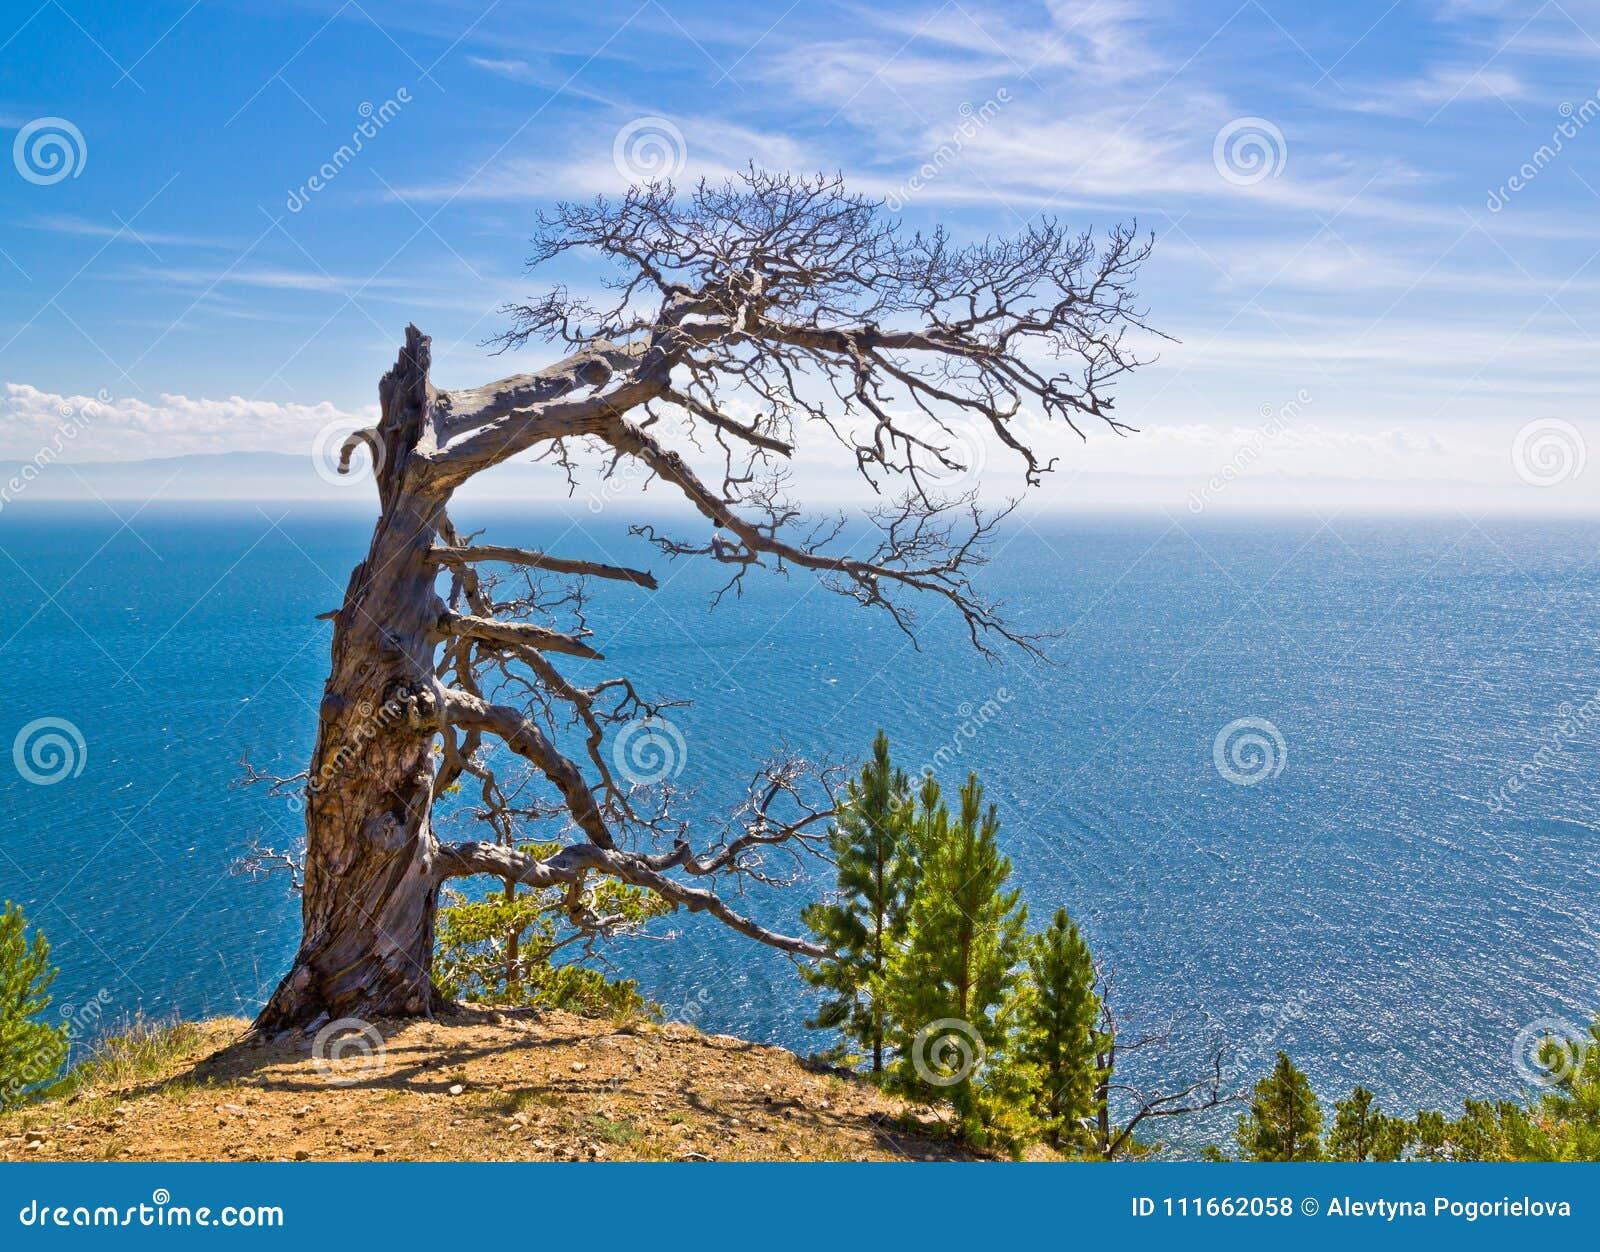 Μόνο μαραμένο δέντρο στο βουνό επάνω από τη θάλασσα κάτω από το μπλε ουρανό